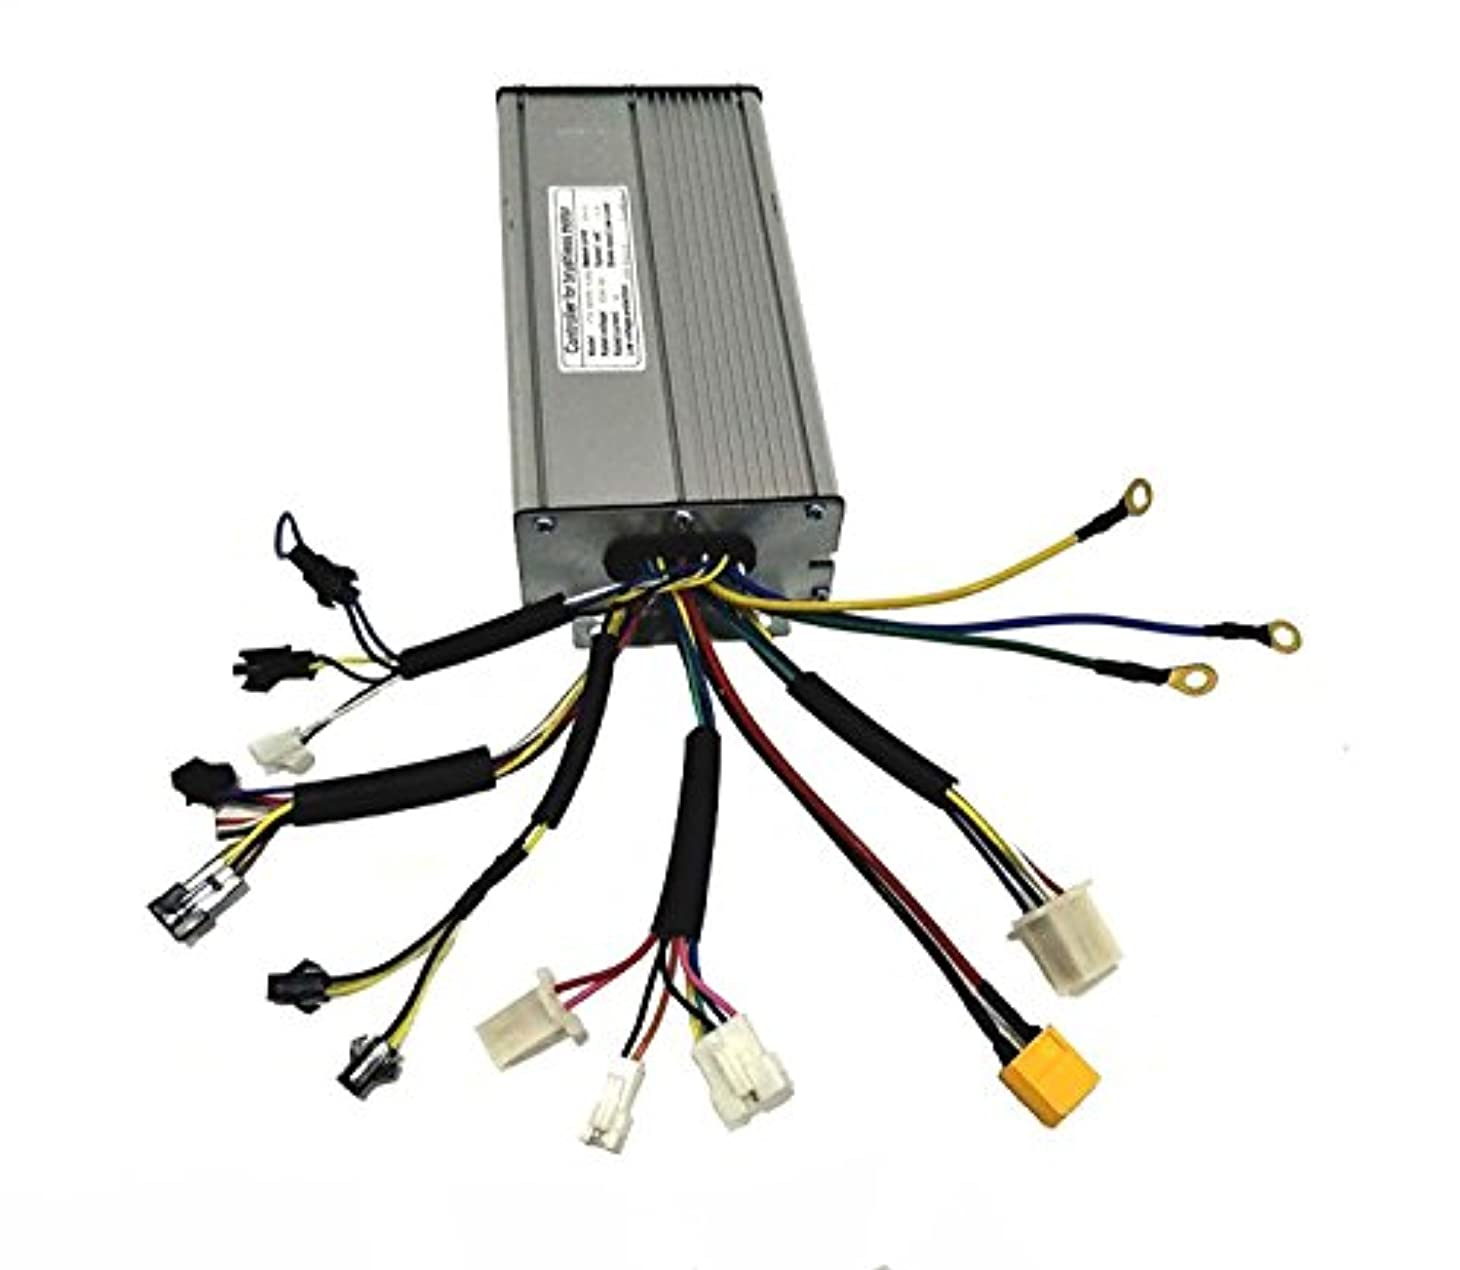 引き出し南西南西12 MOSFET 35AH Brushless DC Sine Wave Ebike Controller 36V1000W 48V1200W/48V1500W 電動自転車コントローラ